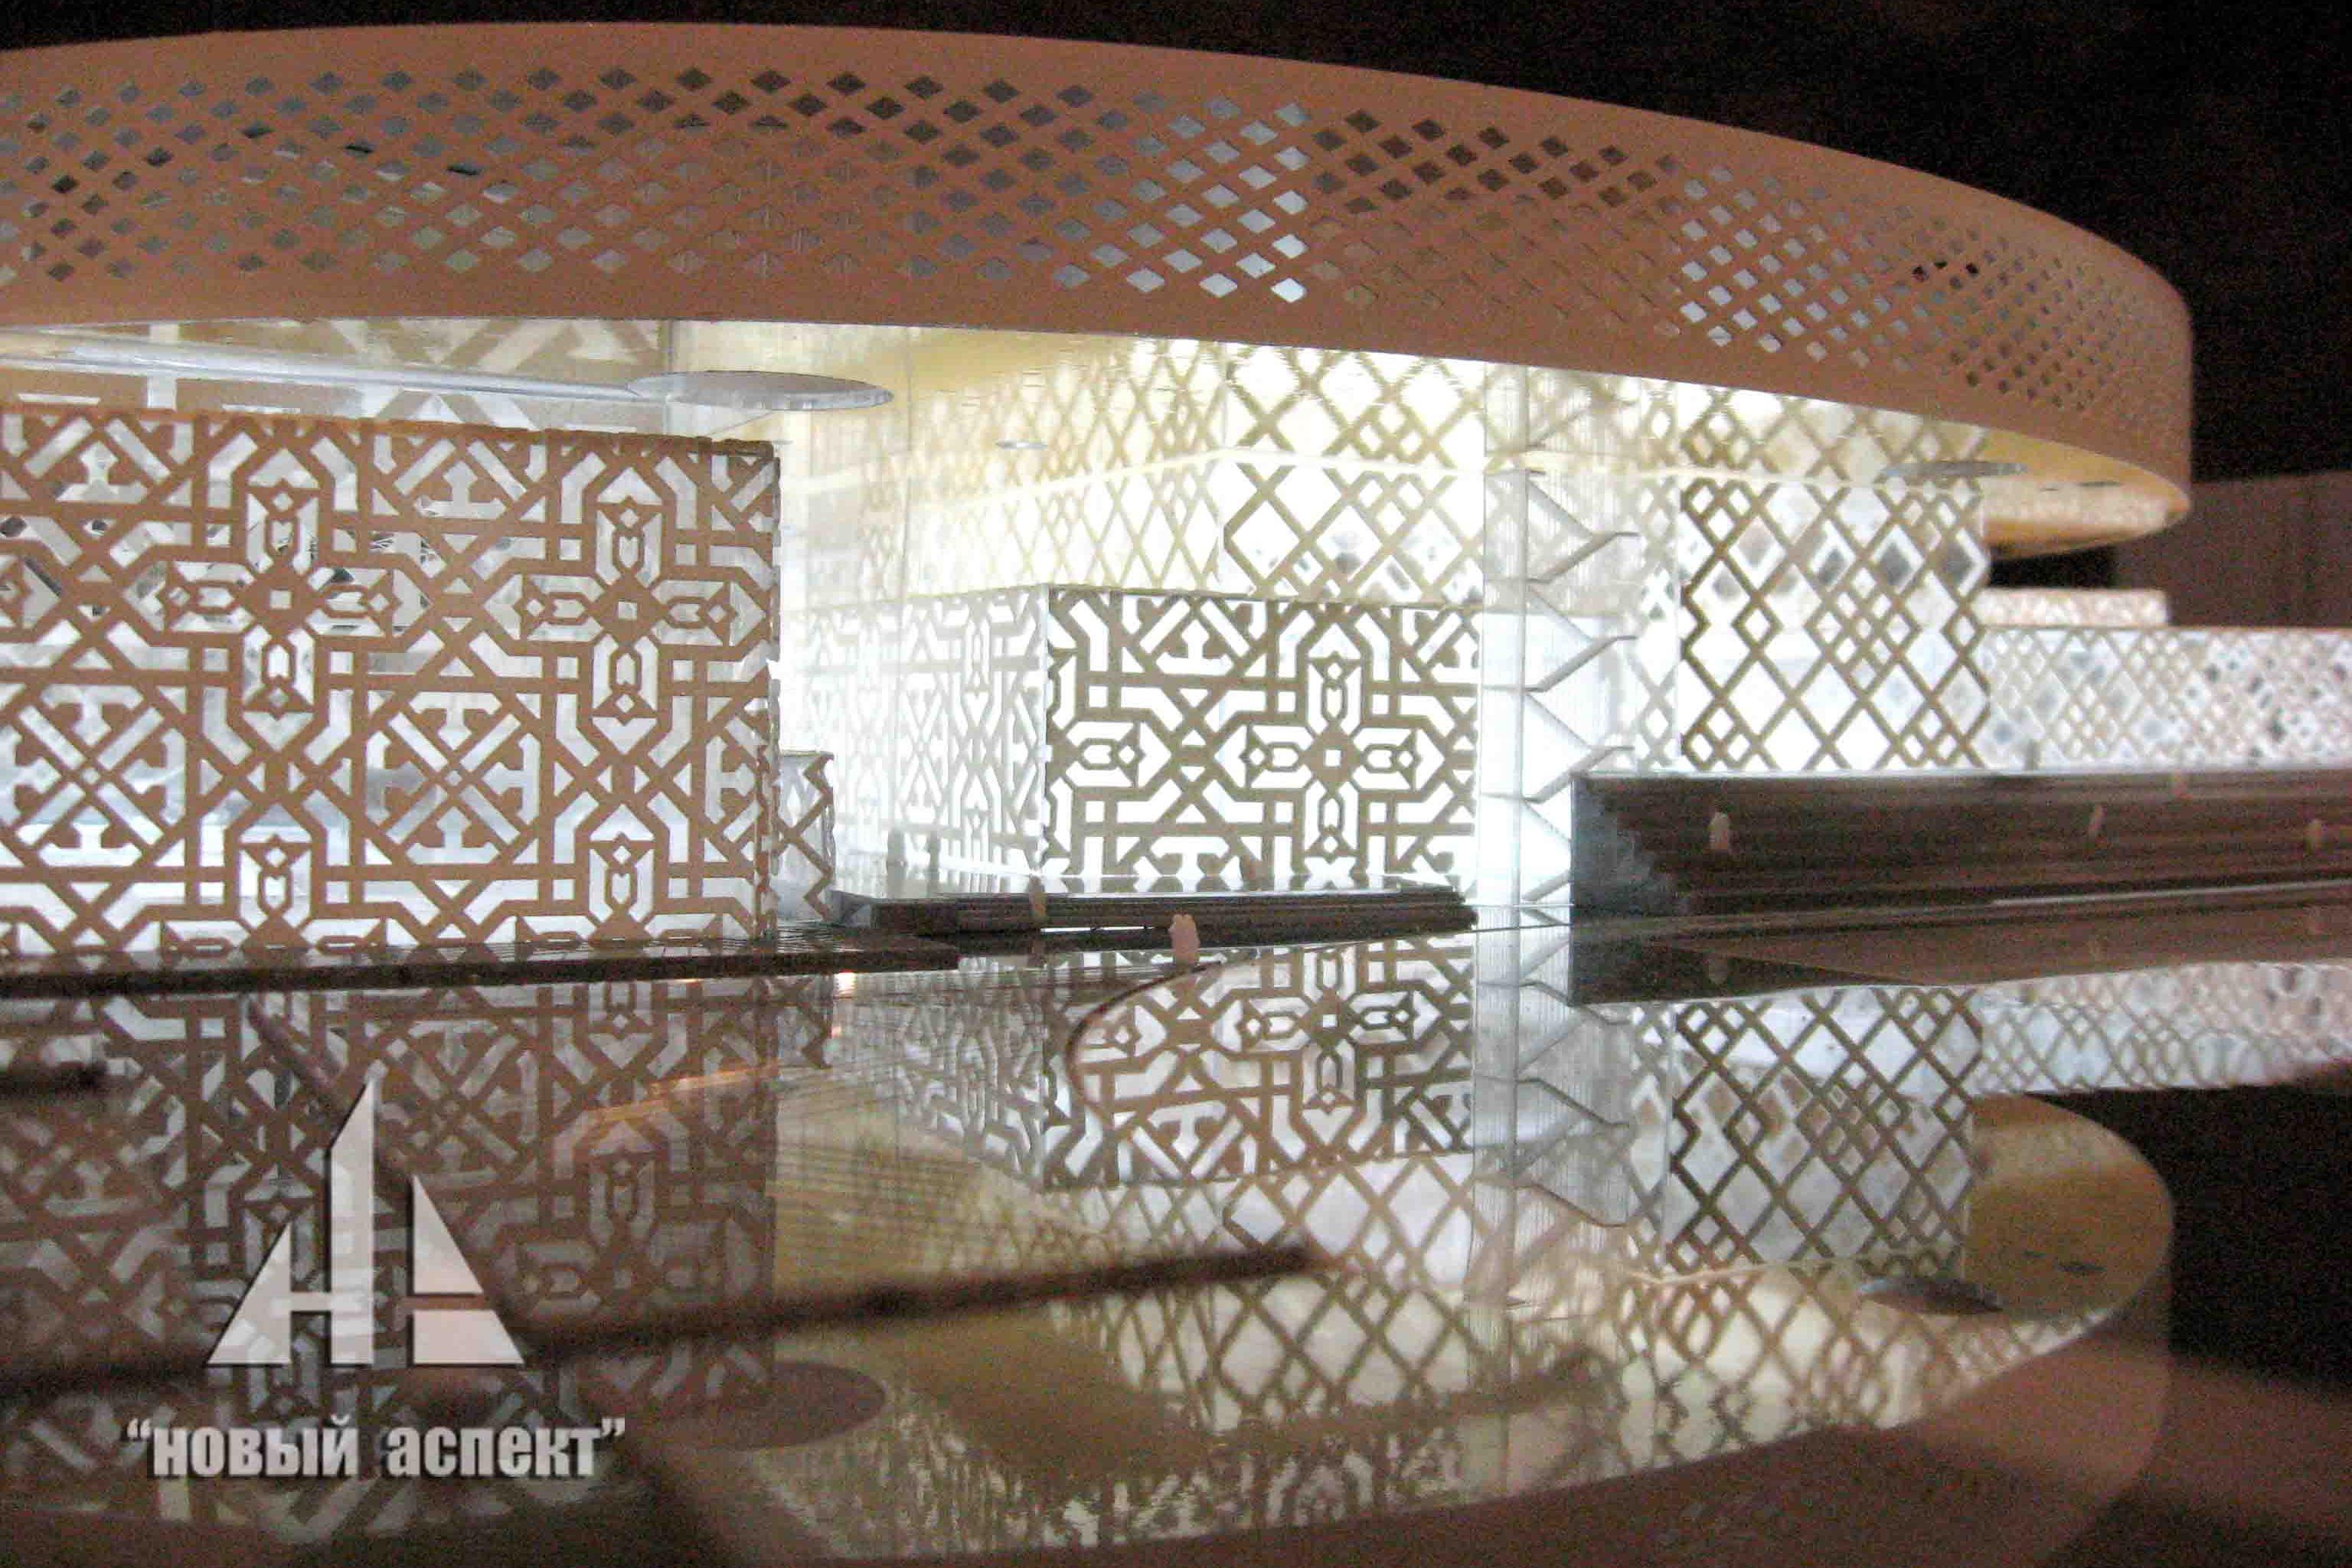 Дворец творчества, Астана